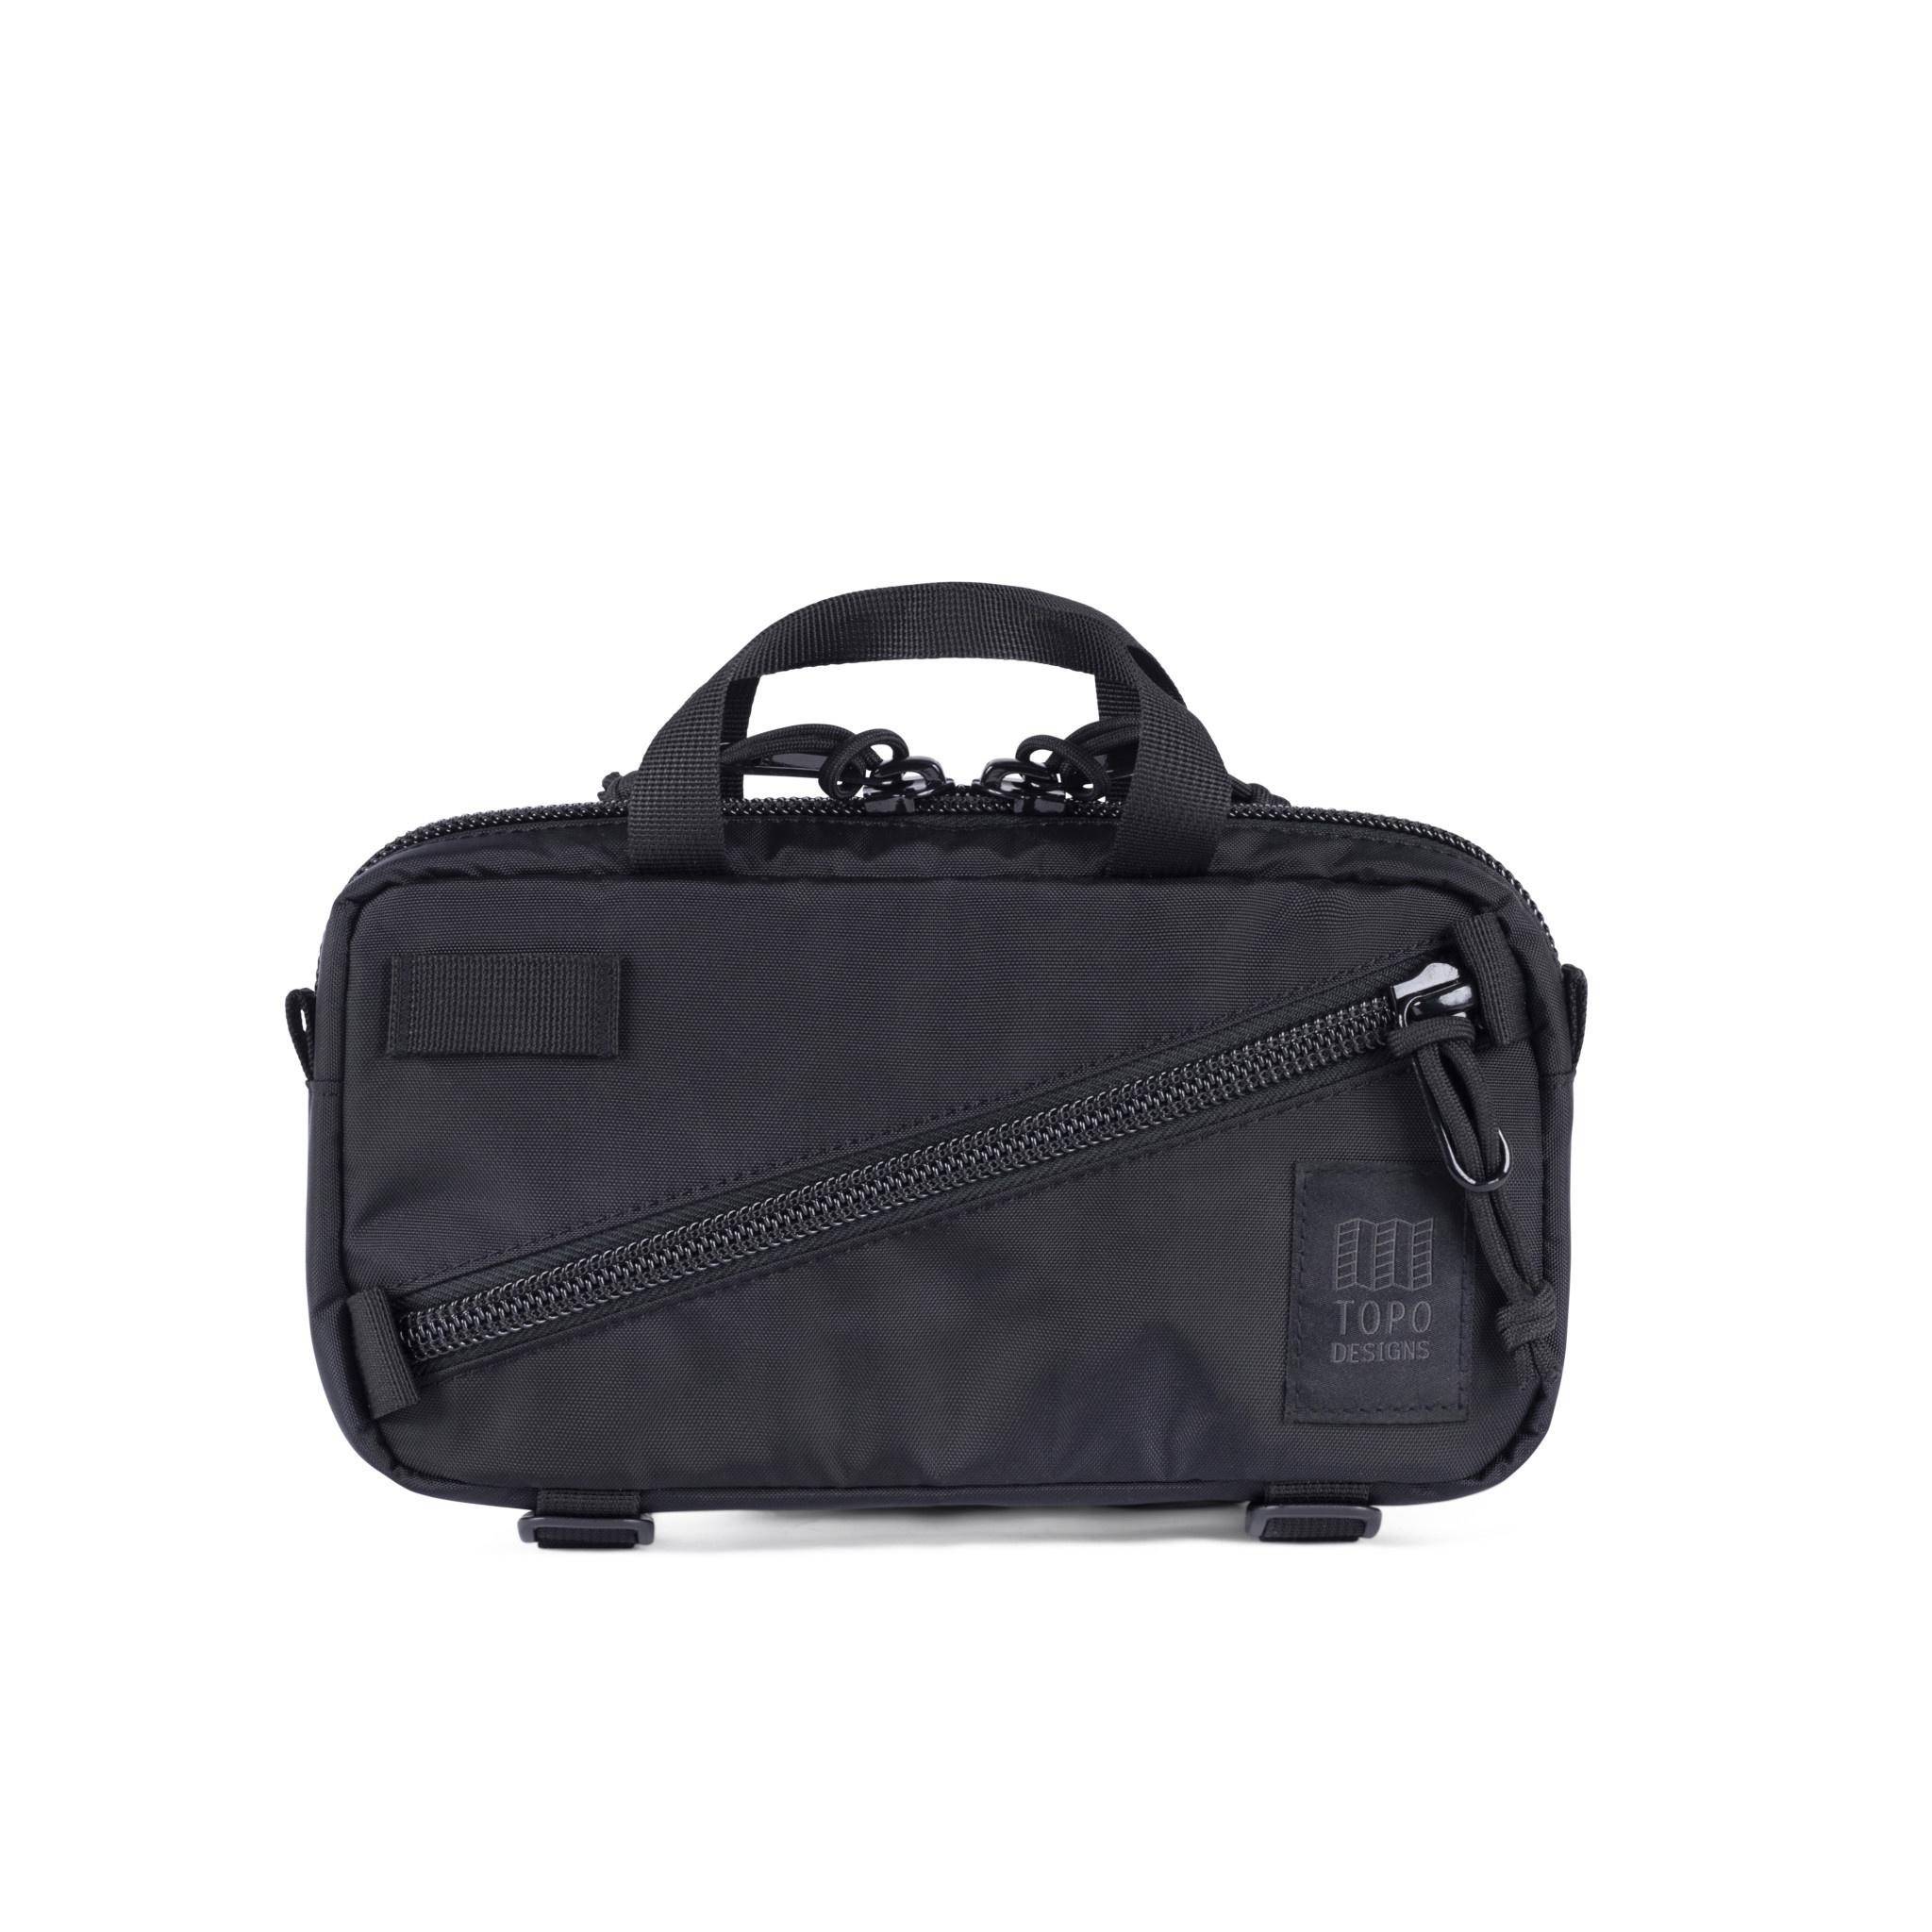 Topo Designs Topo Designs Mini Quick Pack - Black